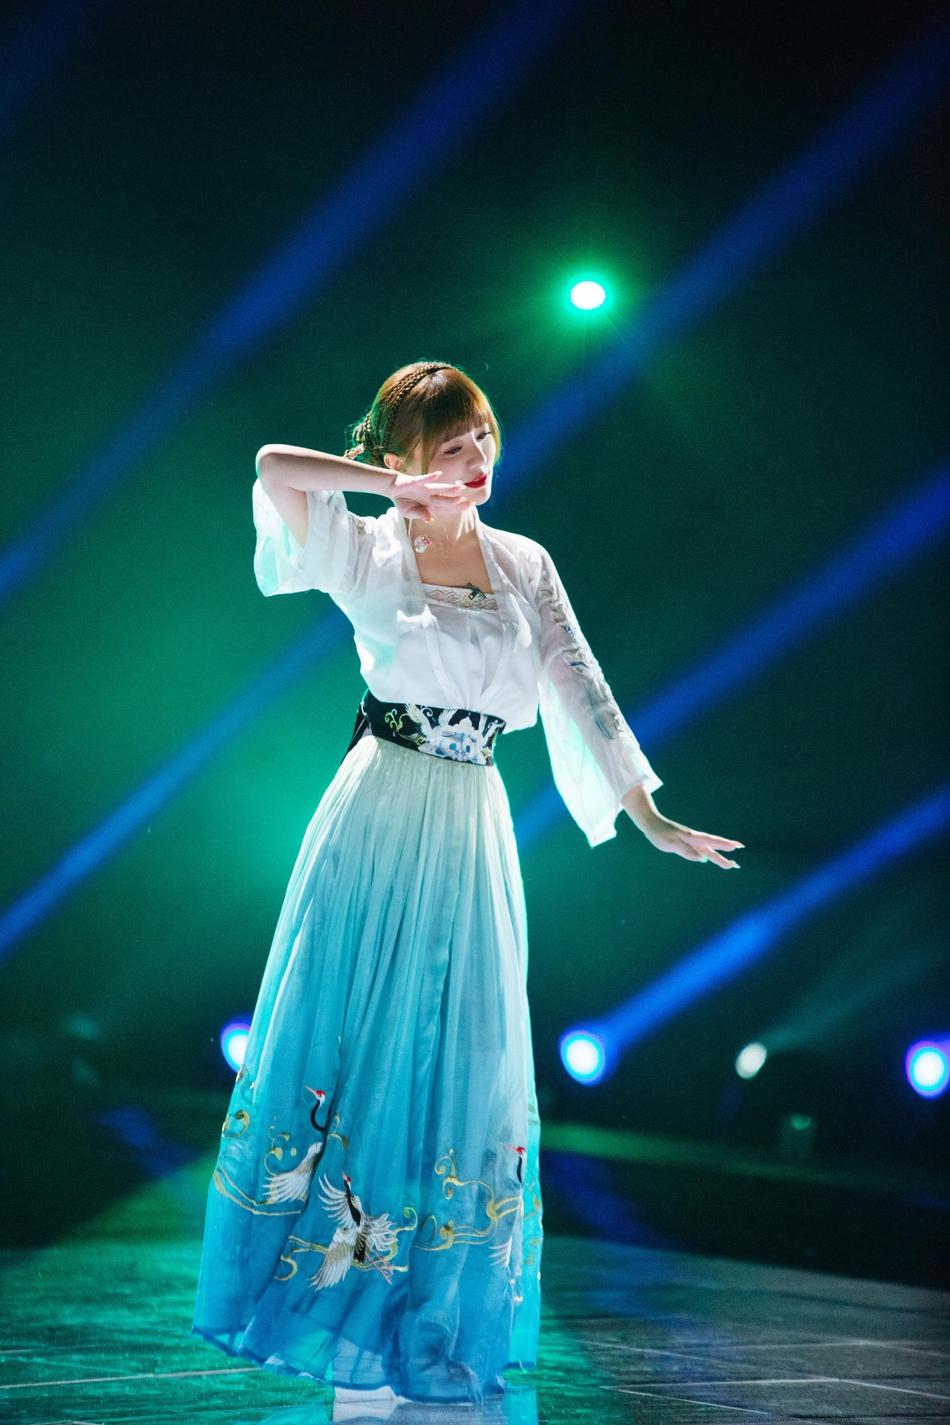 《姐姐2》放送张柏芝、罗永容、容祖儿等霸气加盟初期舞台展示